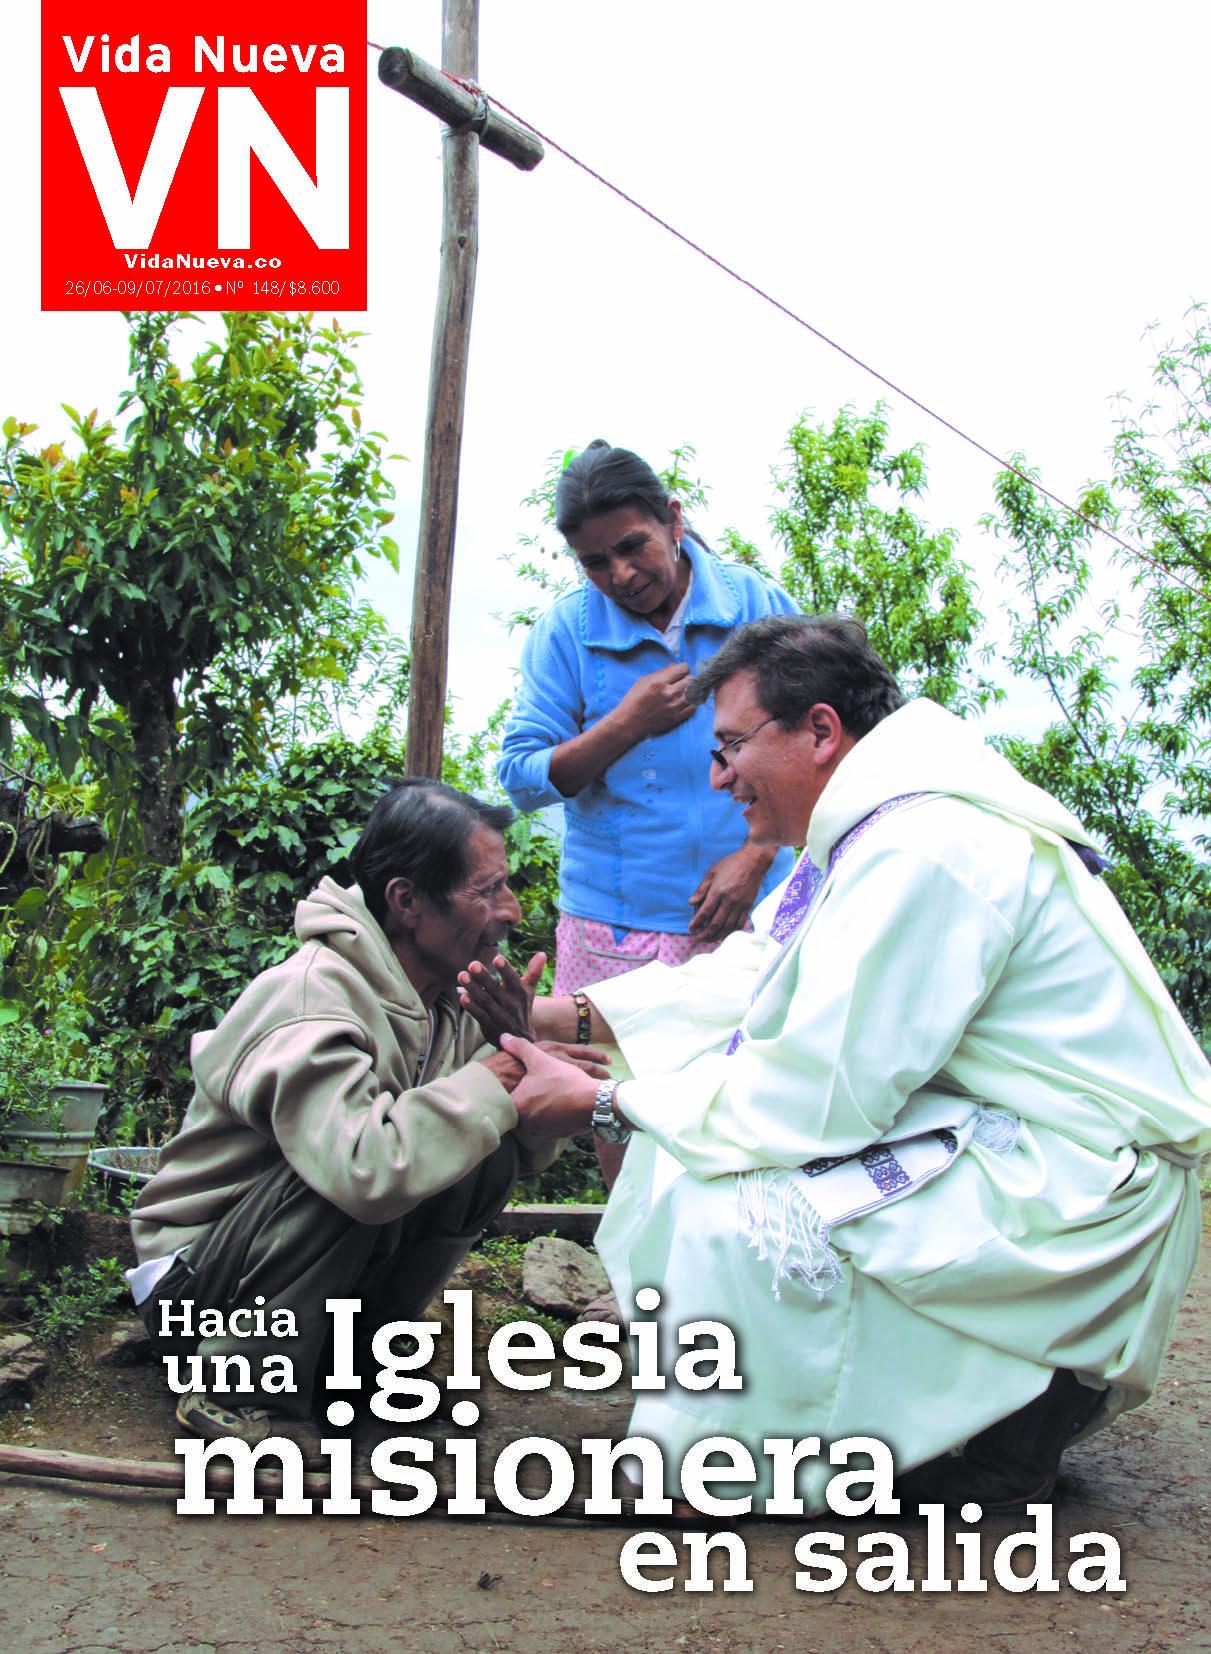 Vida Nueva Colombia Edición 148, Formación Humana y Religiosa. Revista